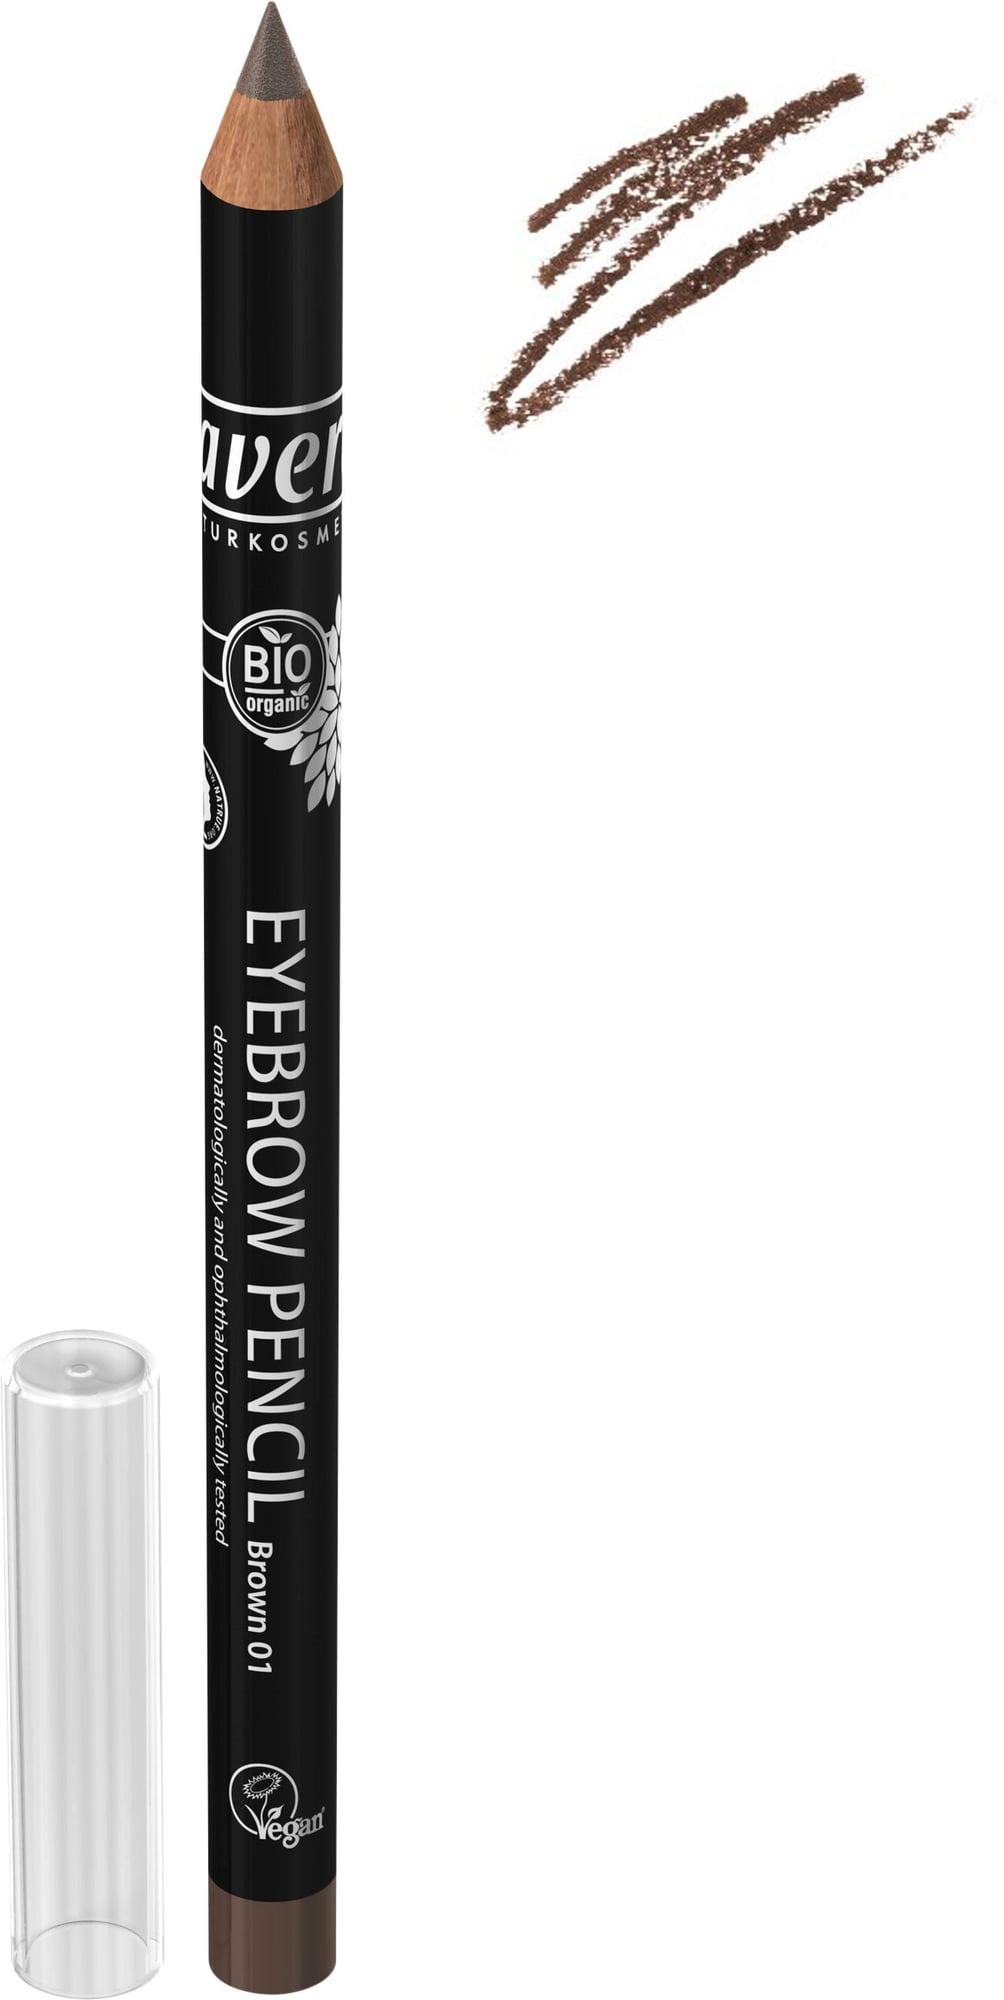 Lavera Trend Eyebrow Pencil Brown 01, 1.14g